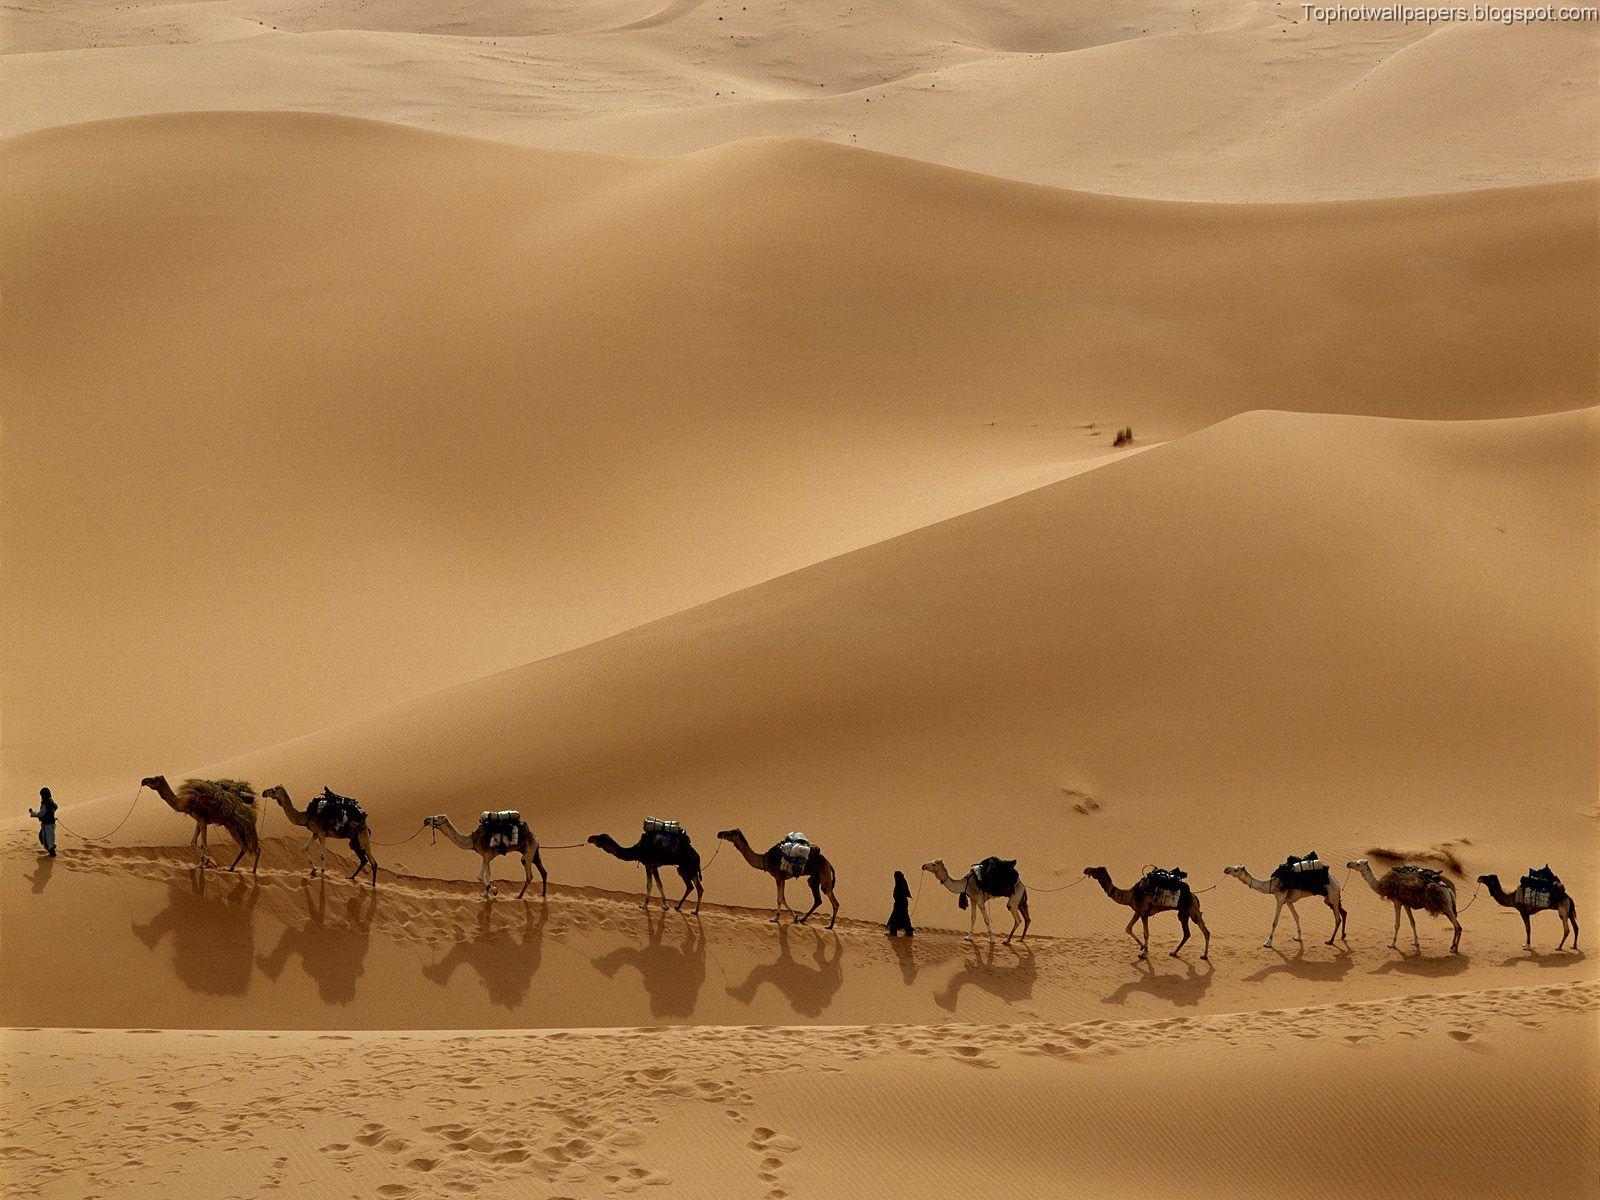 http://4.bp.blogspot.com/_-Cb_iV_LnpU/SDgVKyiOumI/AAAAAAAADHg/04FnCT_h1XM/s1600/Camel%2BCaravan,%2BLibya.jpg